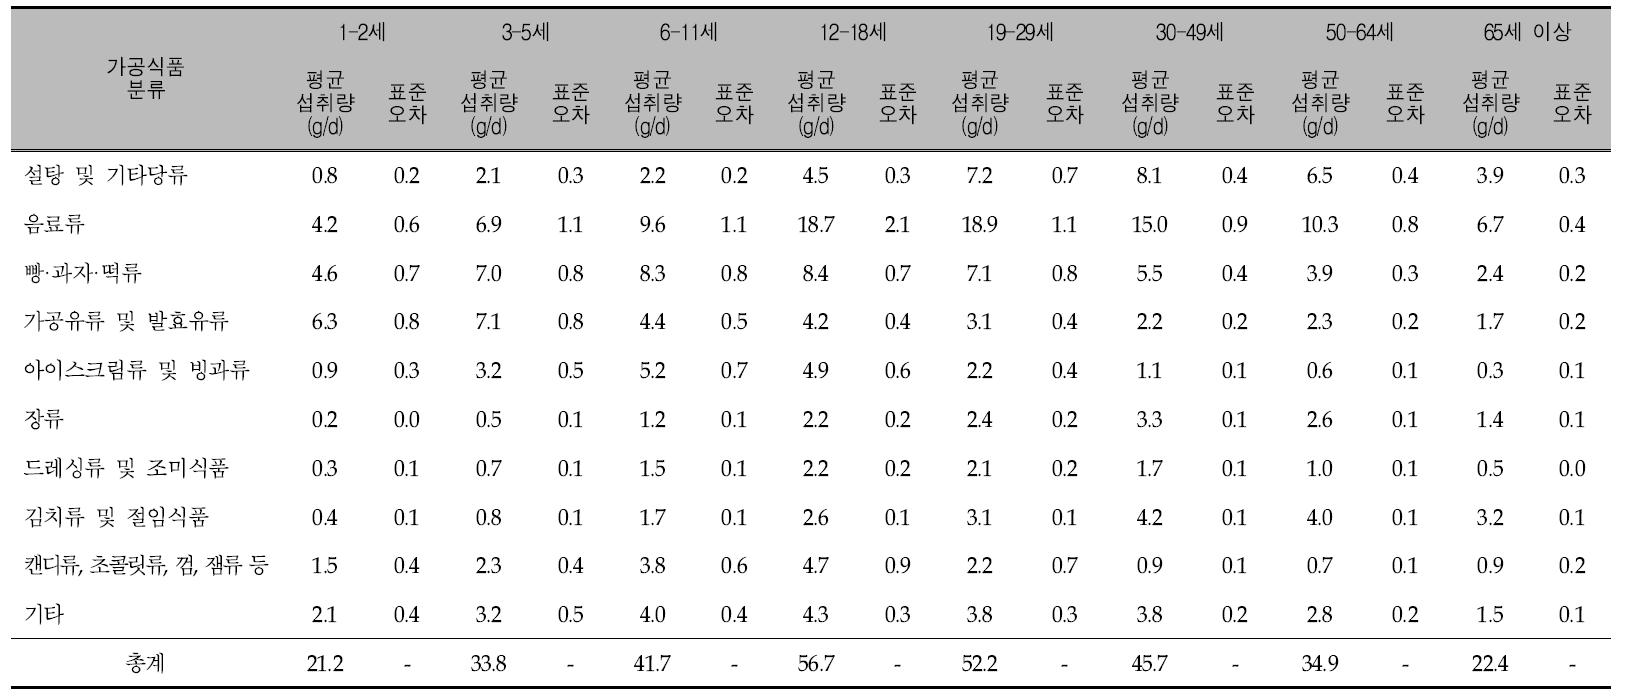 연령에 따른 가공식품 10군의 1인 1일 평균 당류 섭취량: 국민건강영양조사 2011년